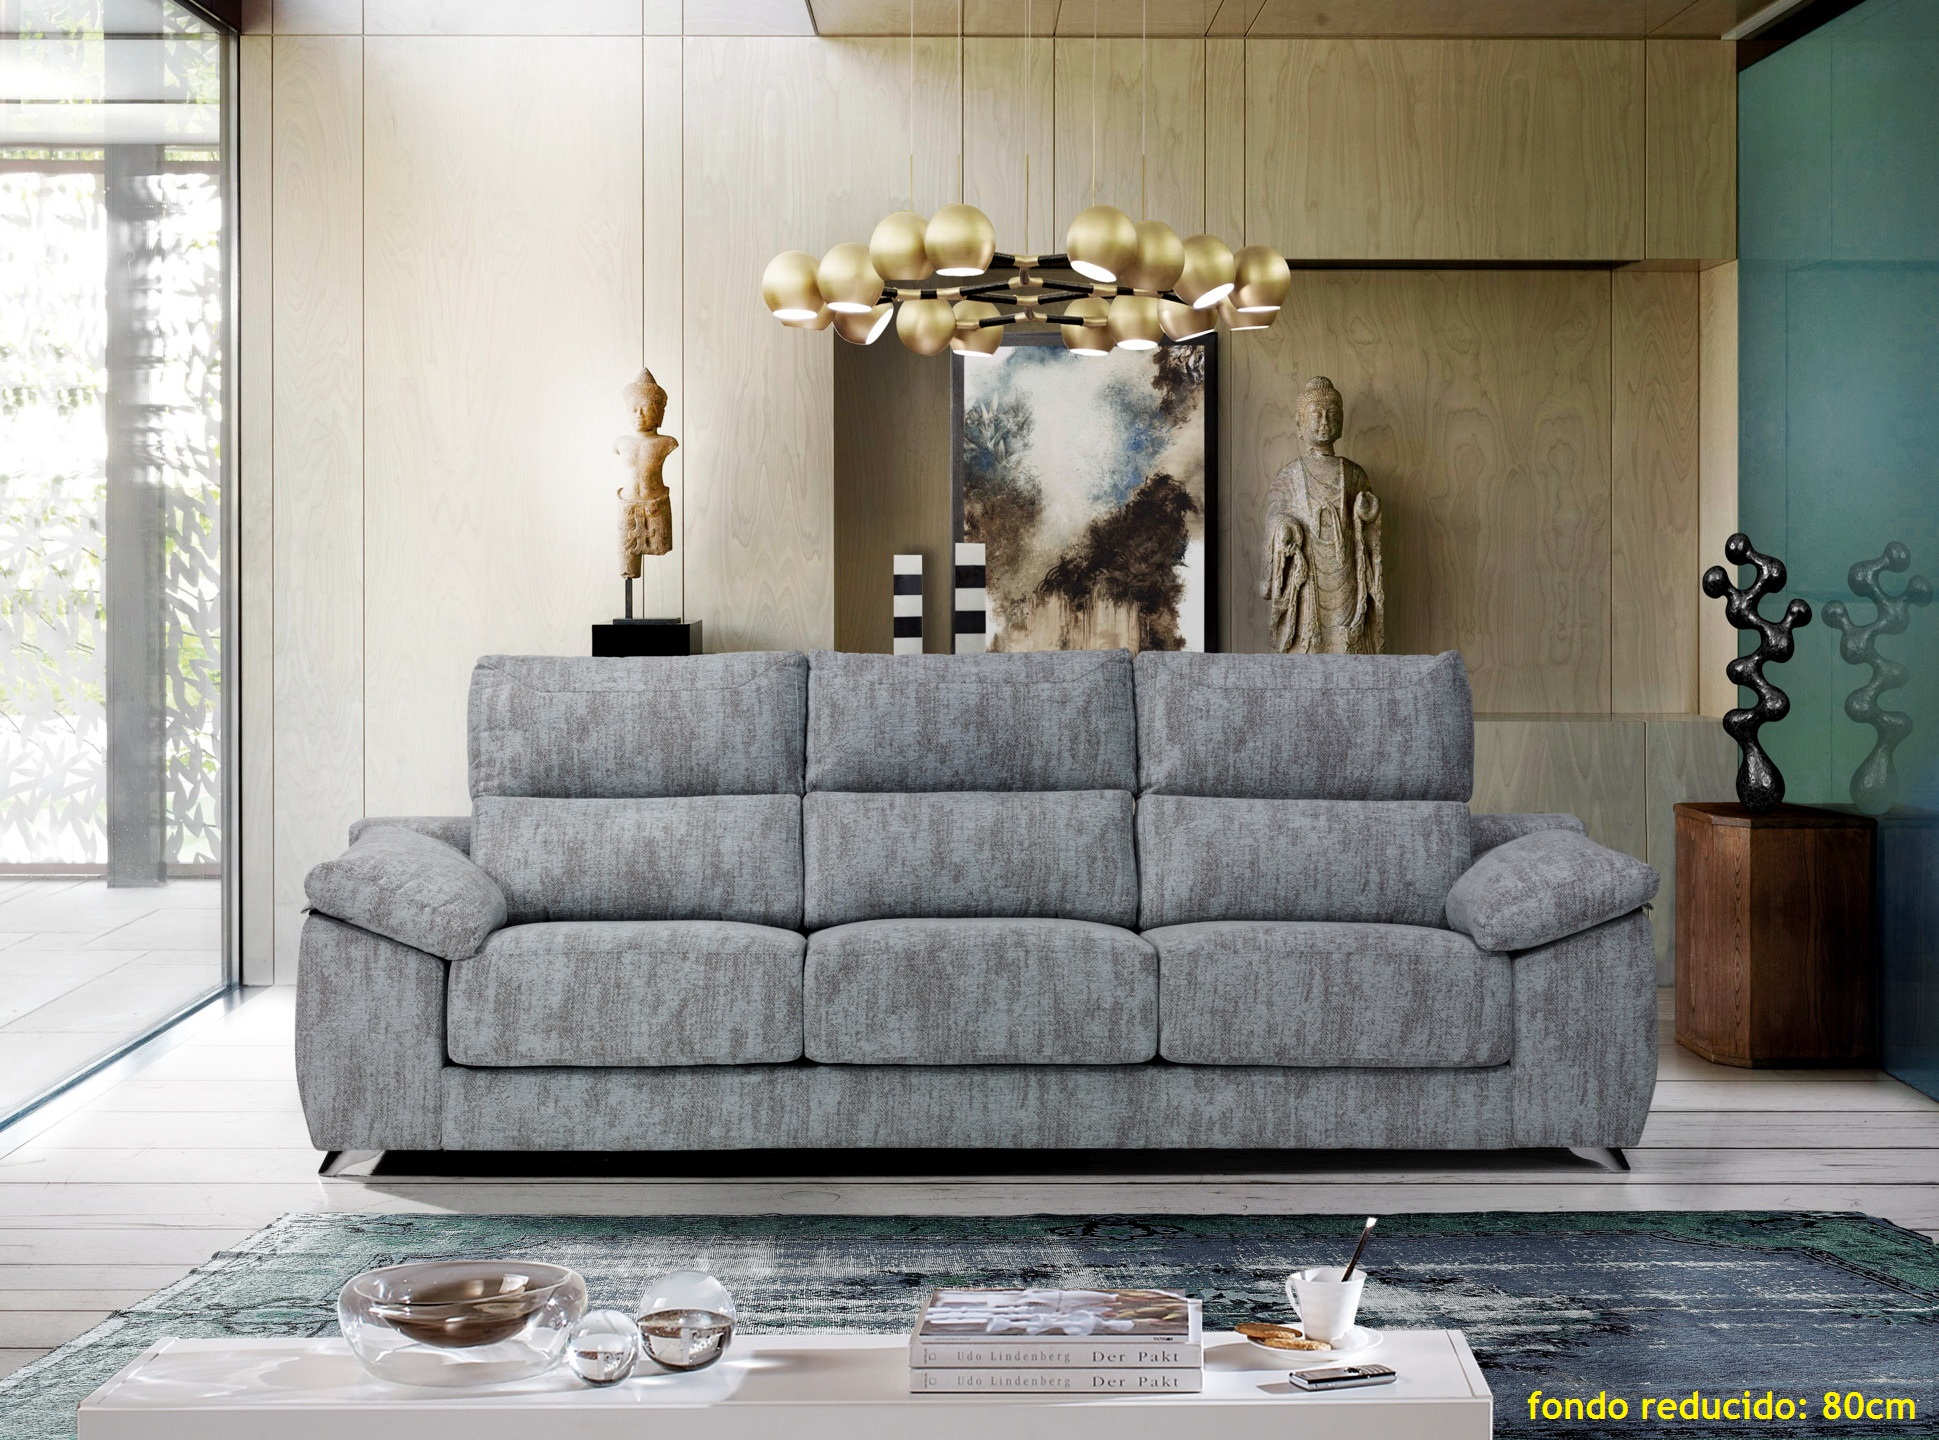 UNAI sofá modular fondo 80cm by Píccolo Confort 01 de venta en Muebles Antoñán León